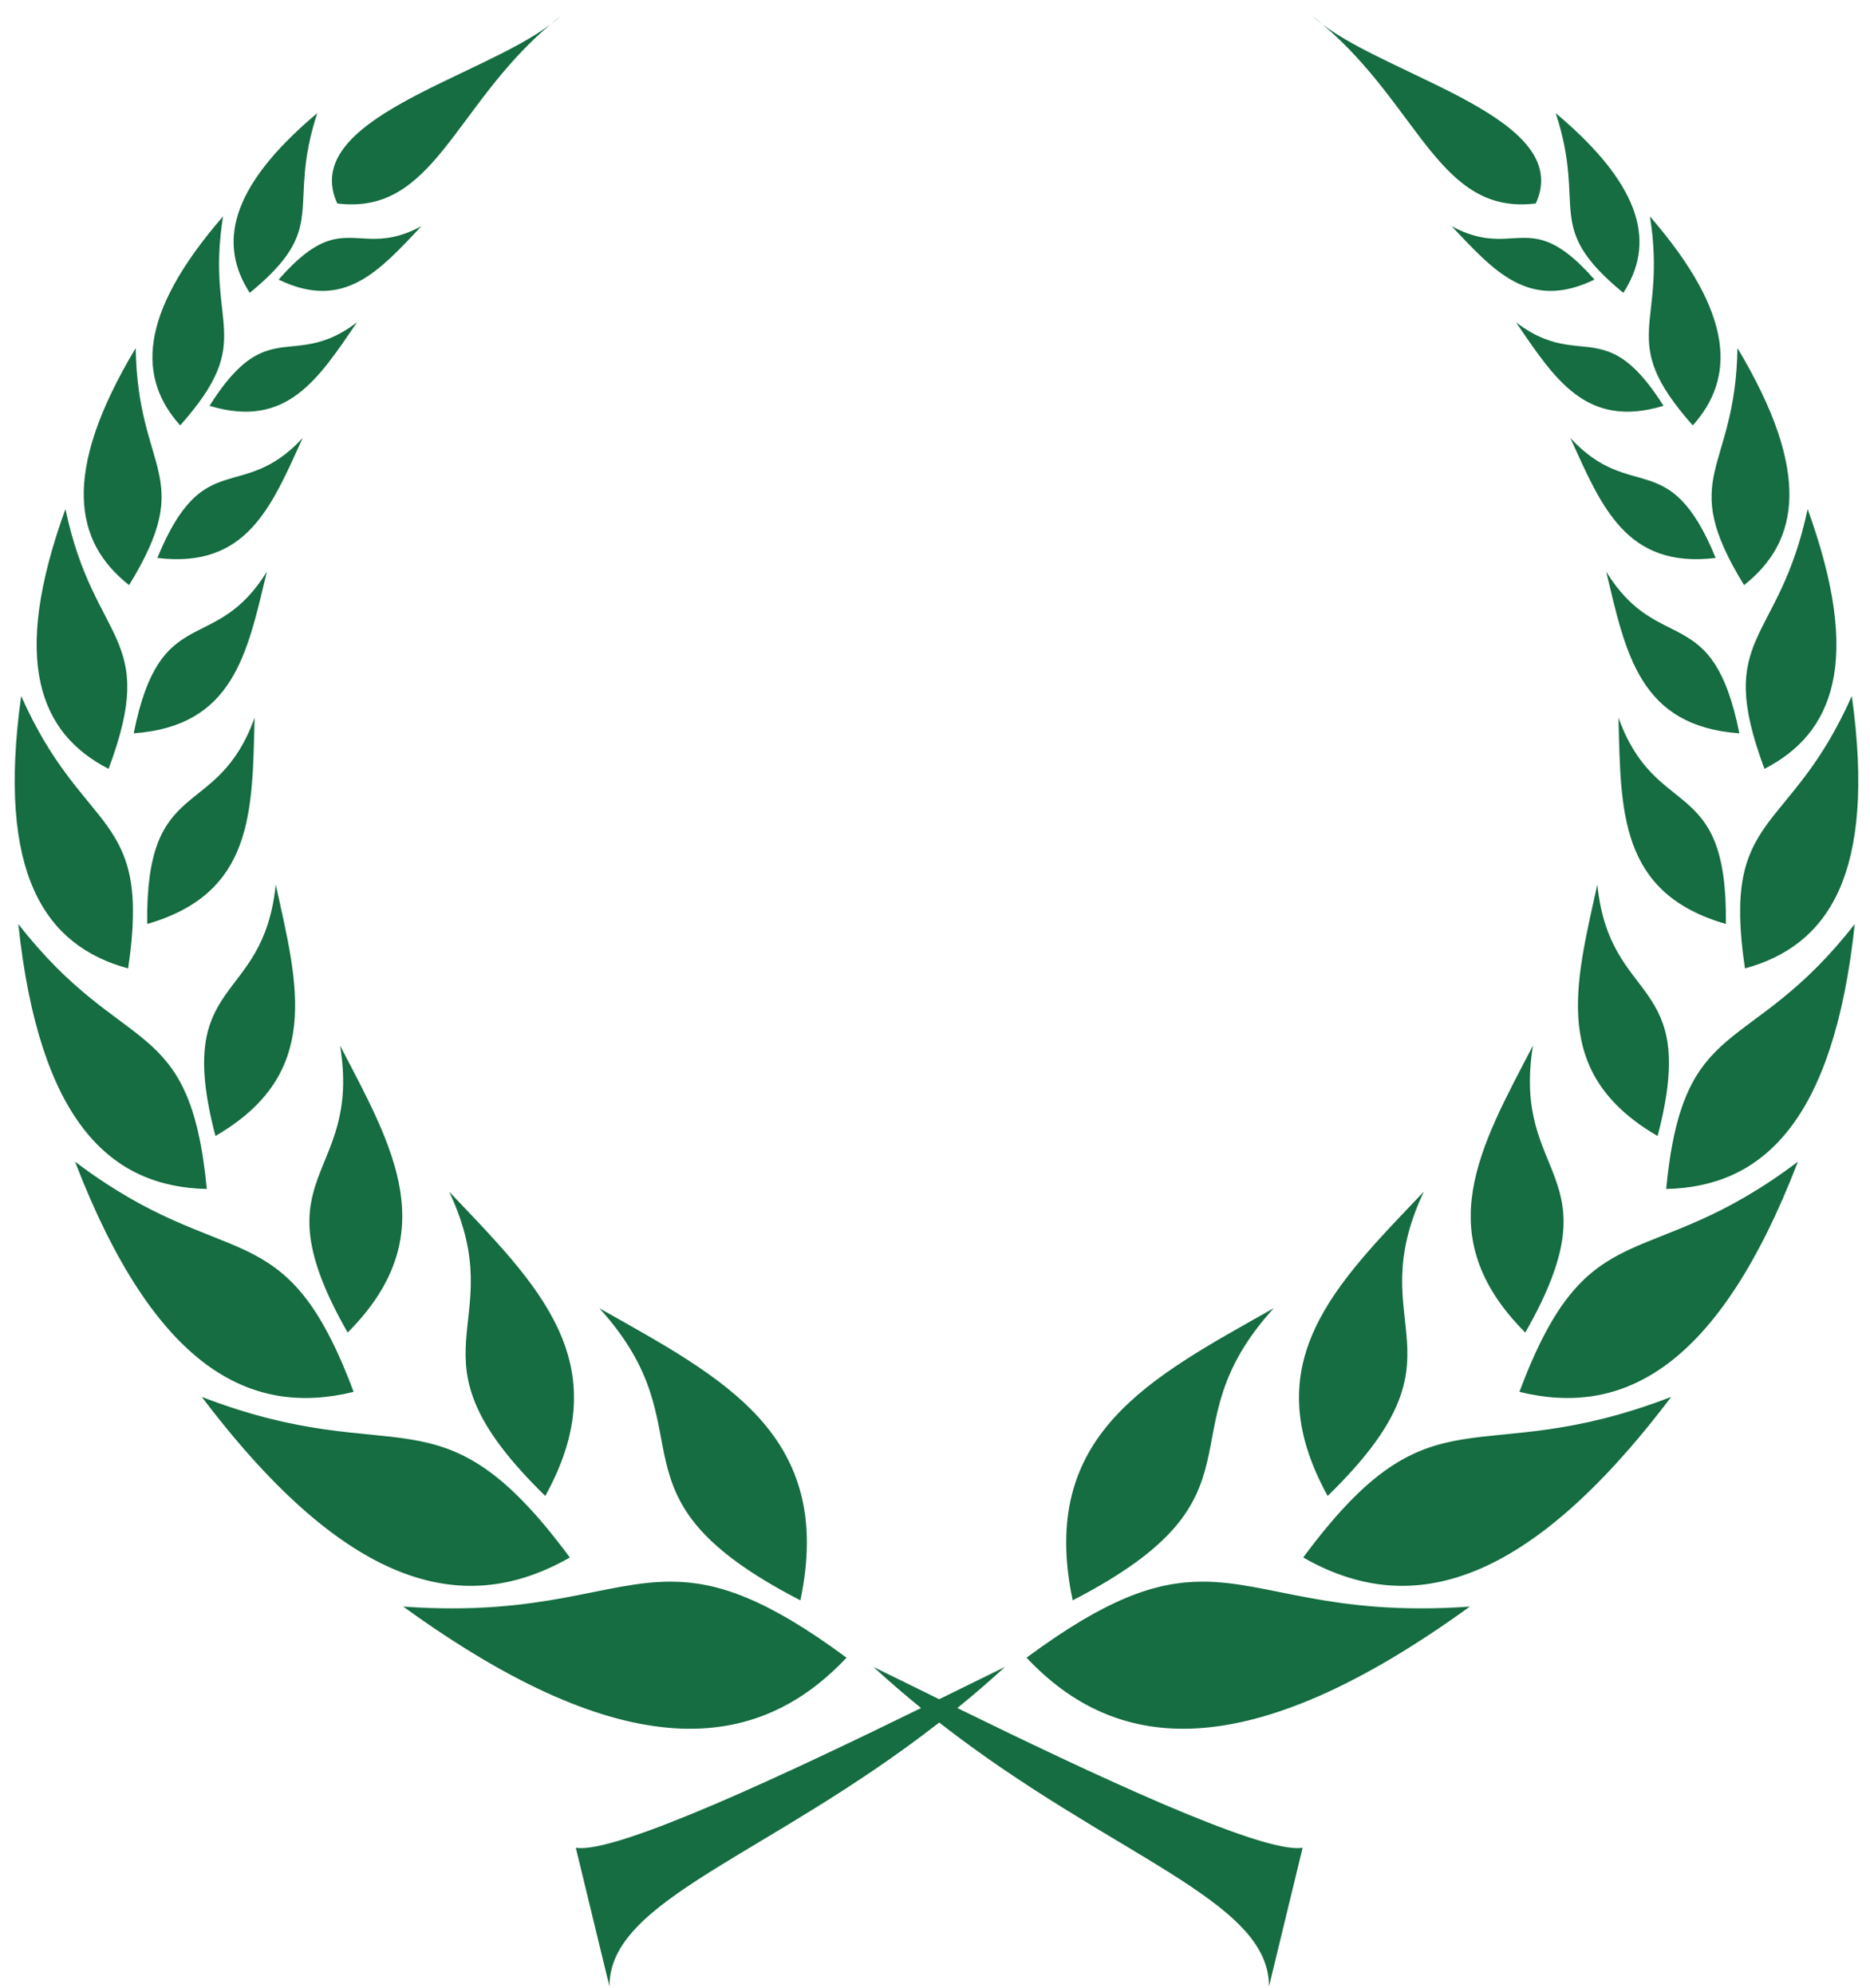 Award selfpublishing